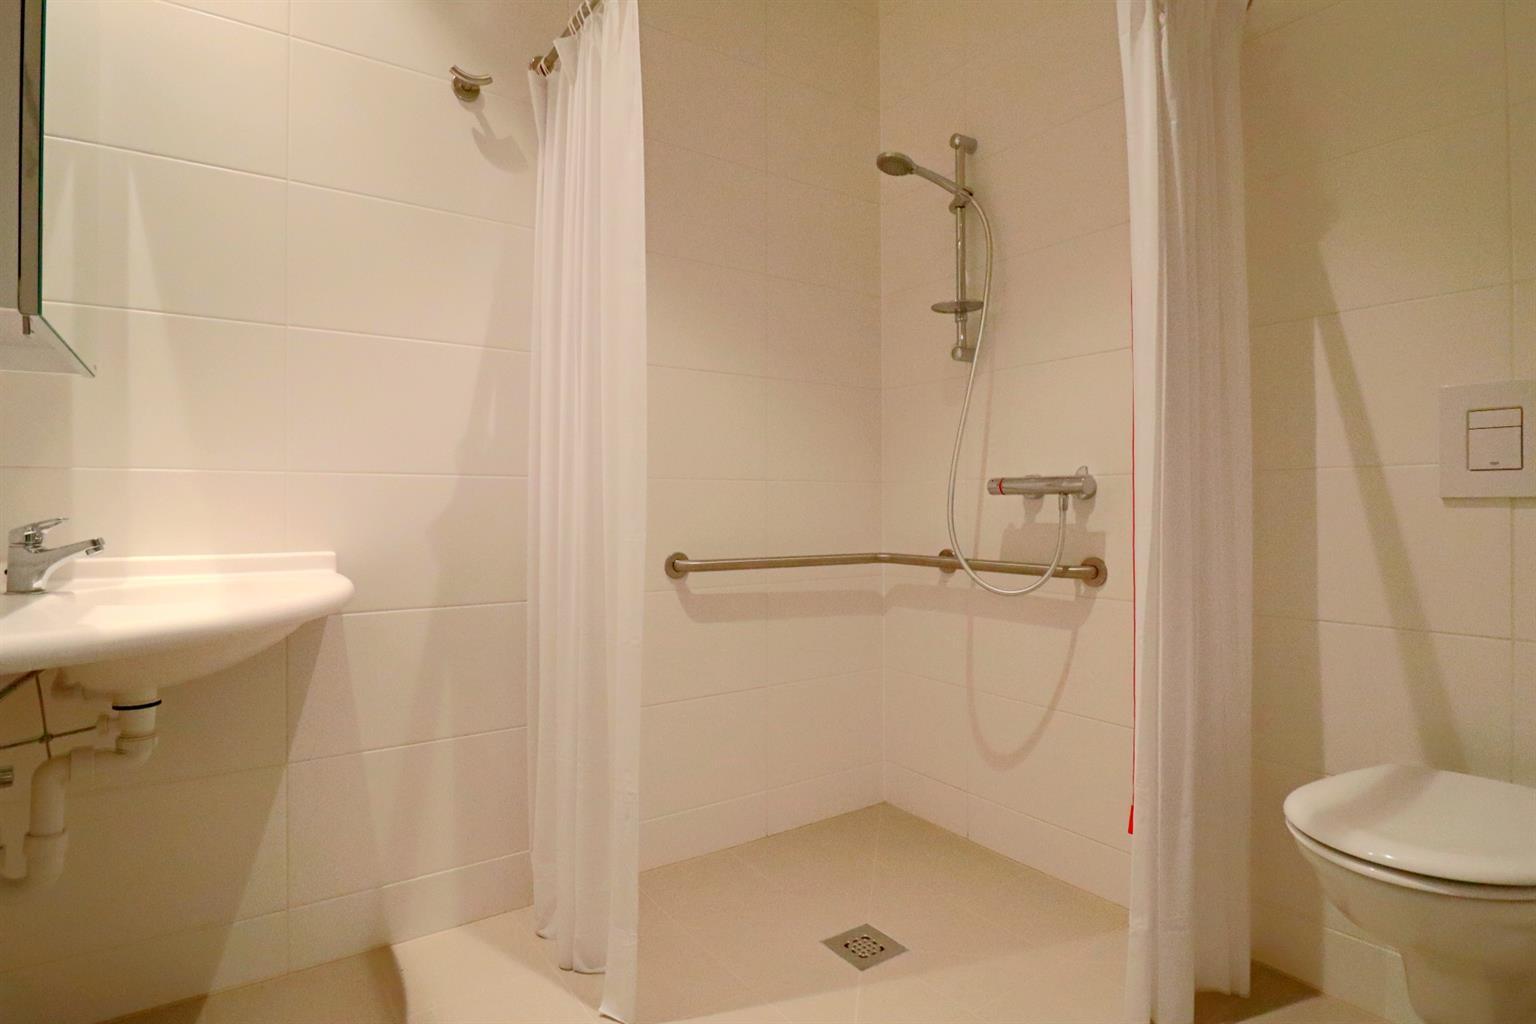 Appartement - Ottignies-Louvain-la-Neuve - #4406879-6